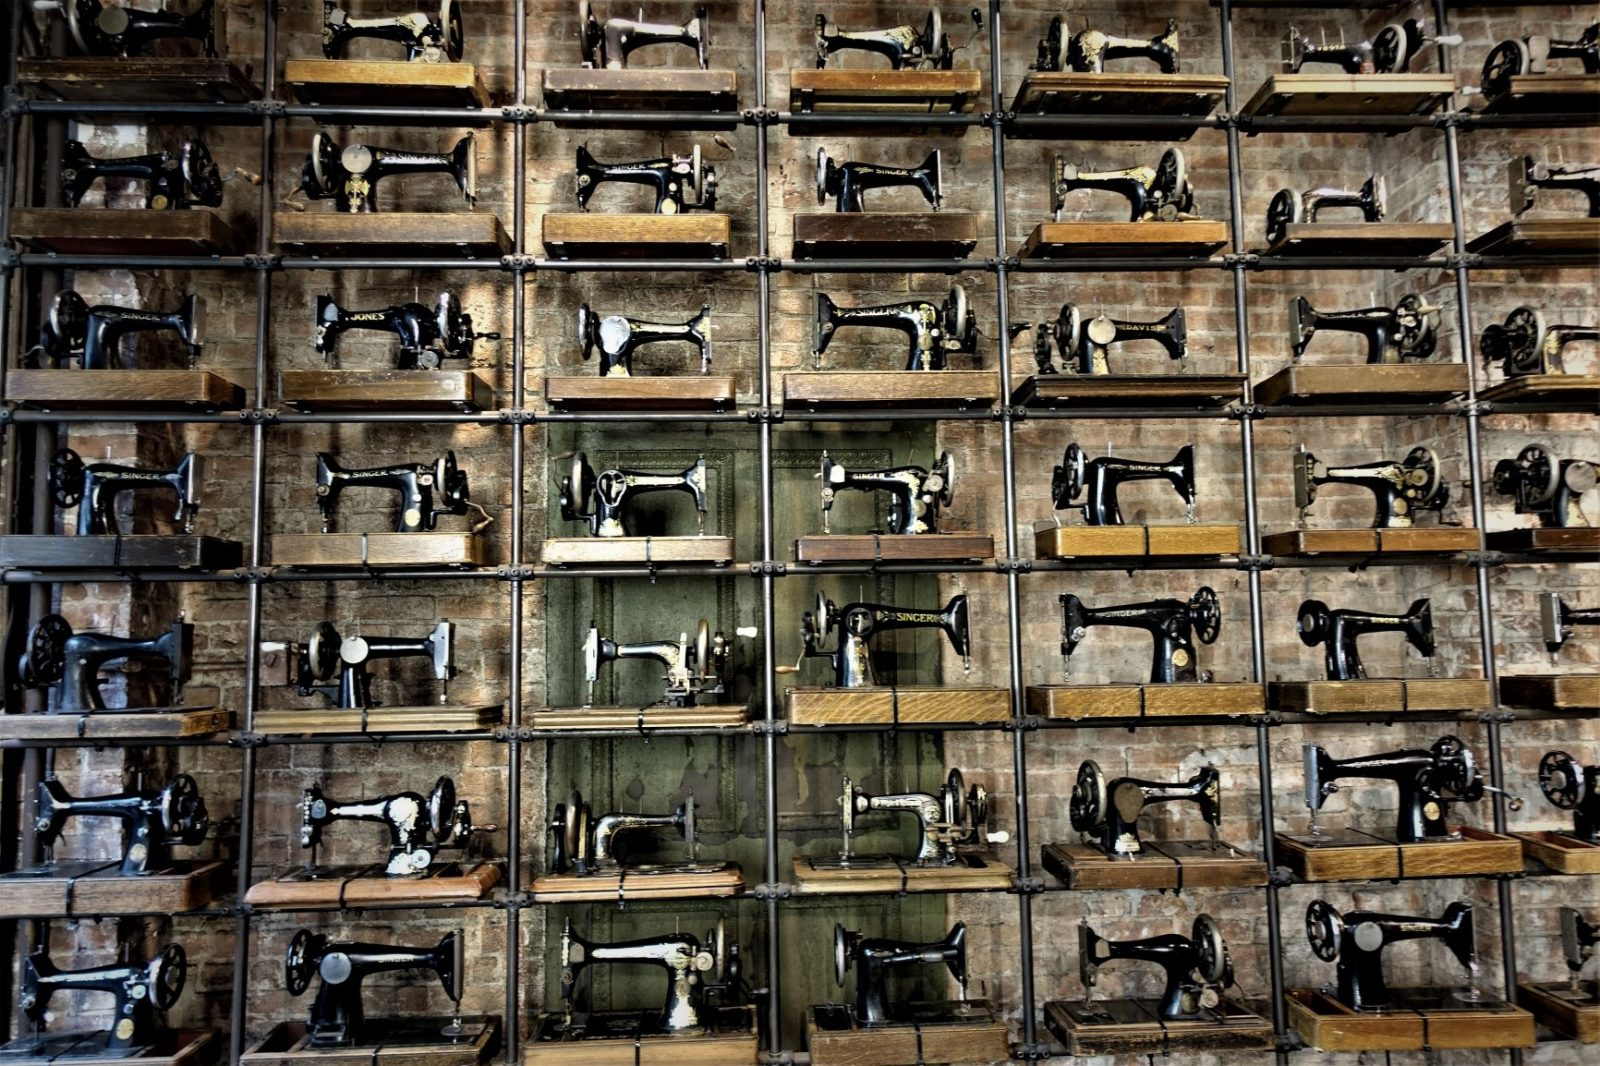 hundrevis av singer symaskin i en klesbutikk i New York